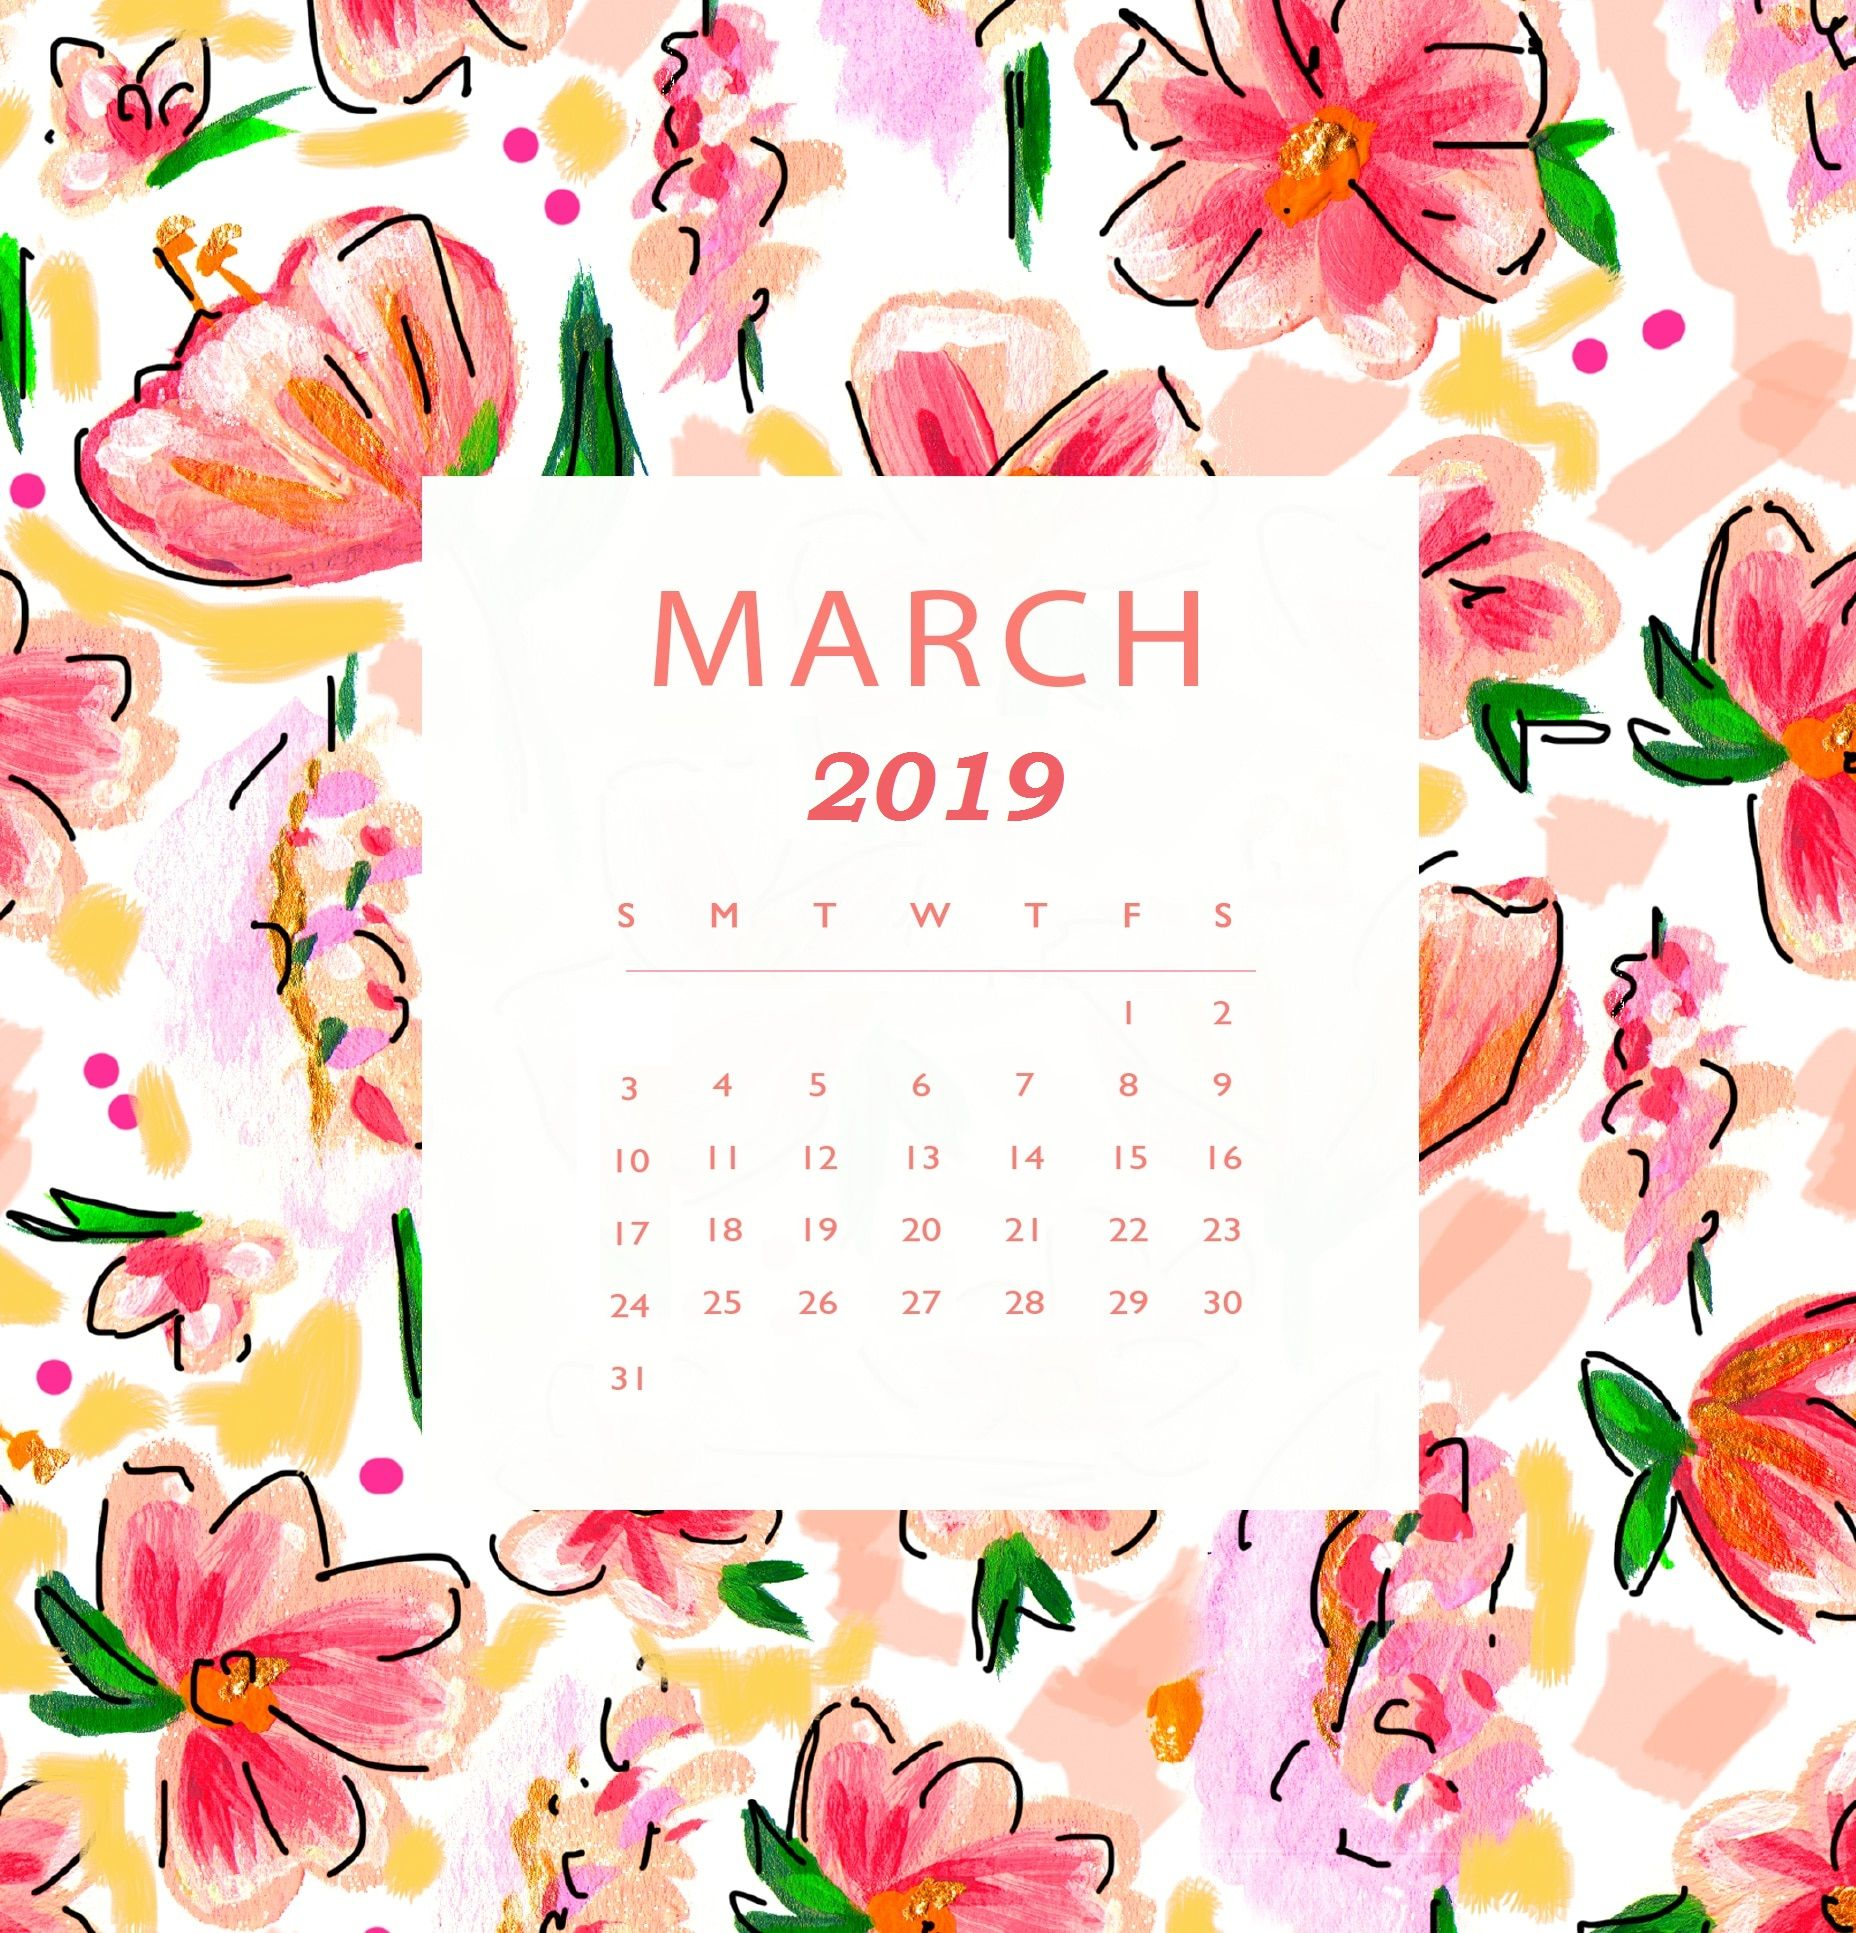 календарь на март с картинками всех путеводителях